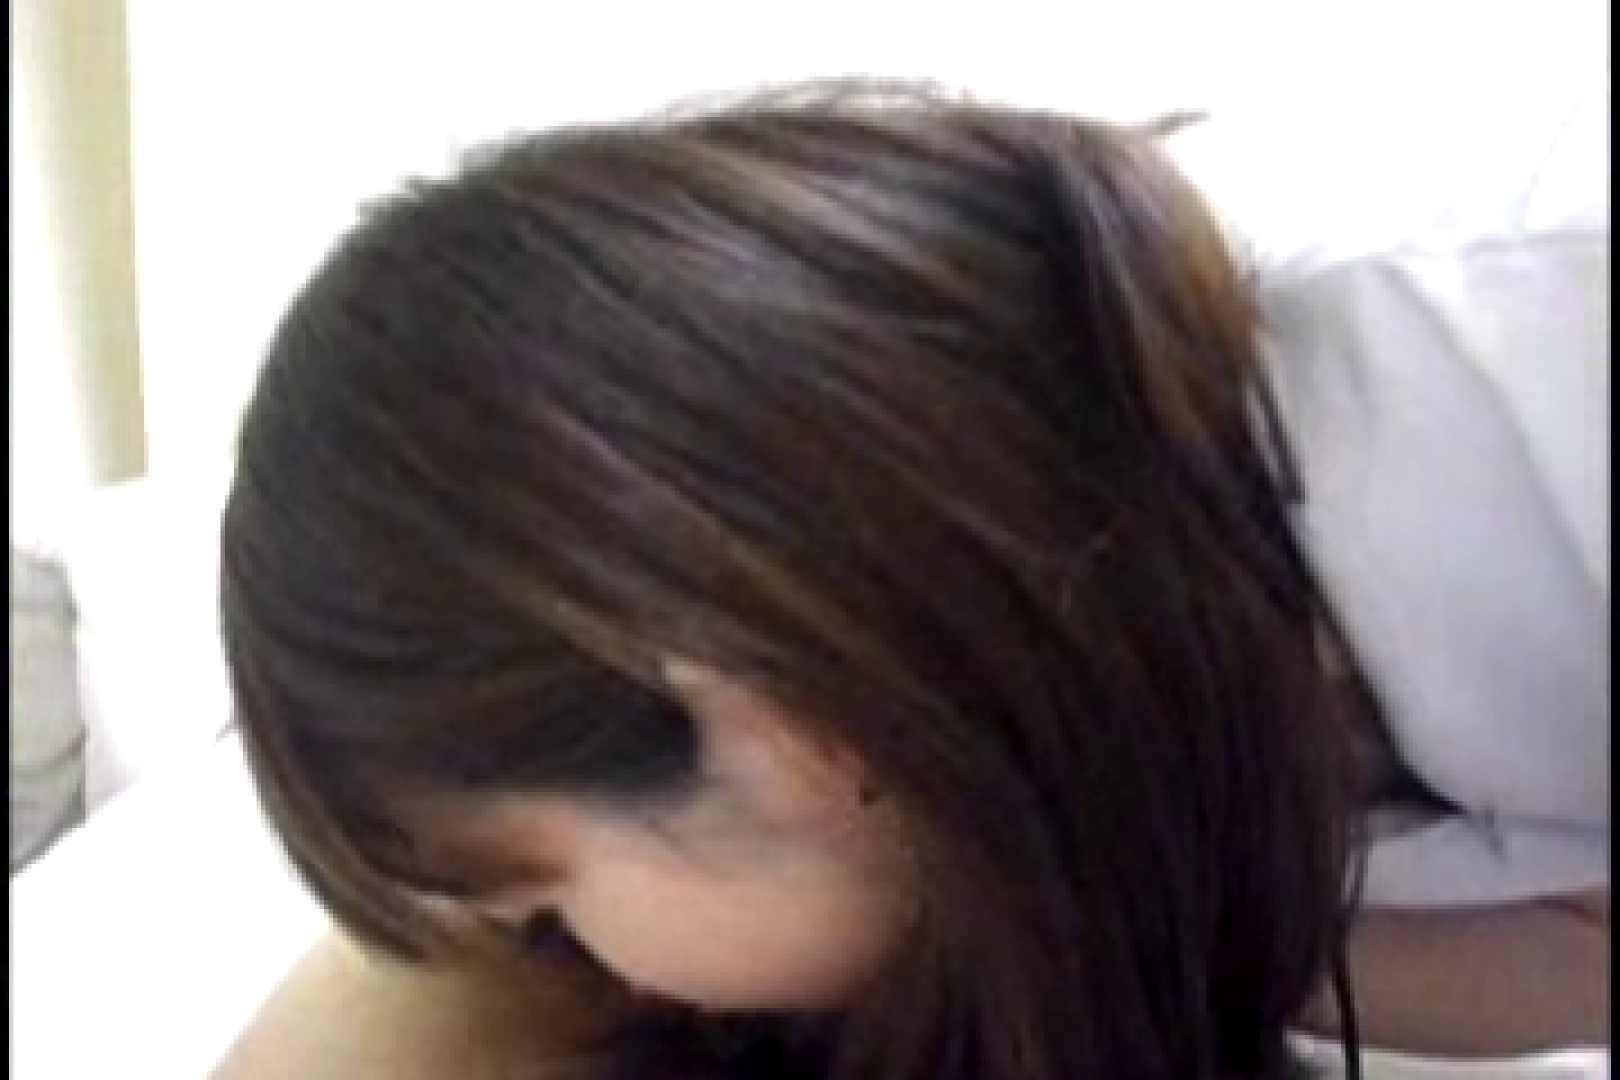 ヤリマンと呼ばれた看護士さんvol1 シックスナイン 隠し撮りオマンコ動画紹介 71枚 49